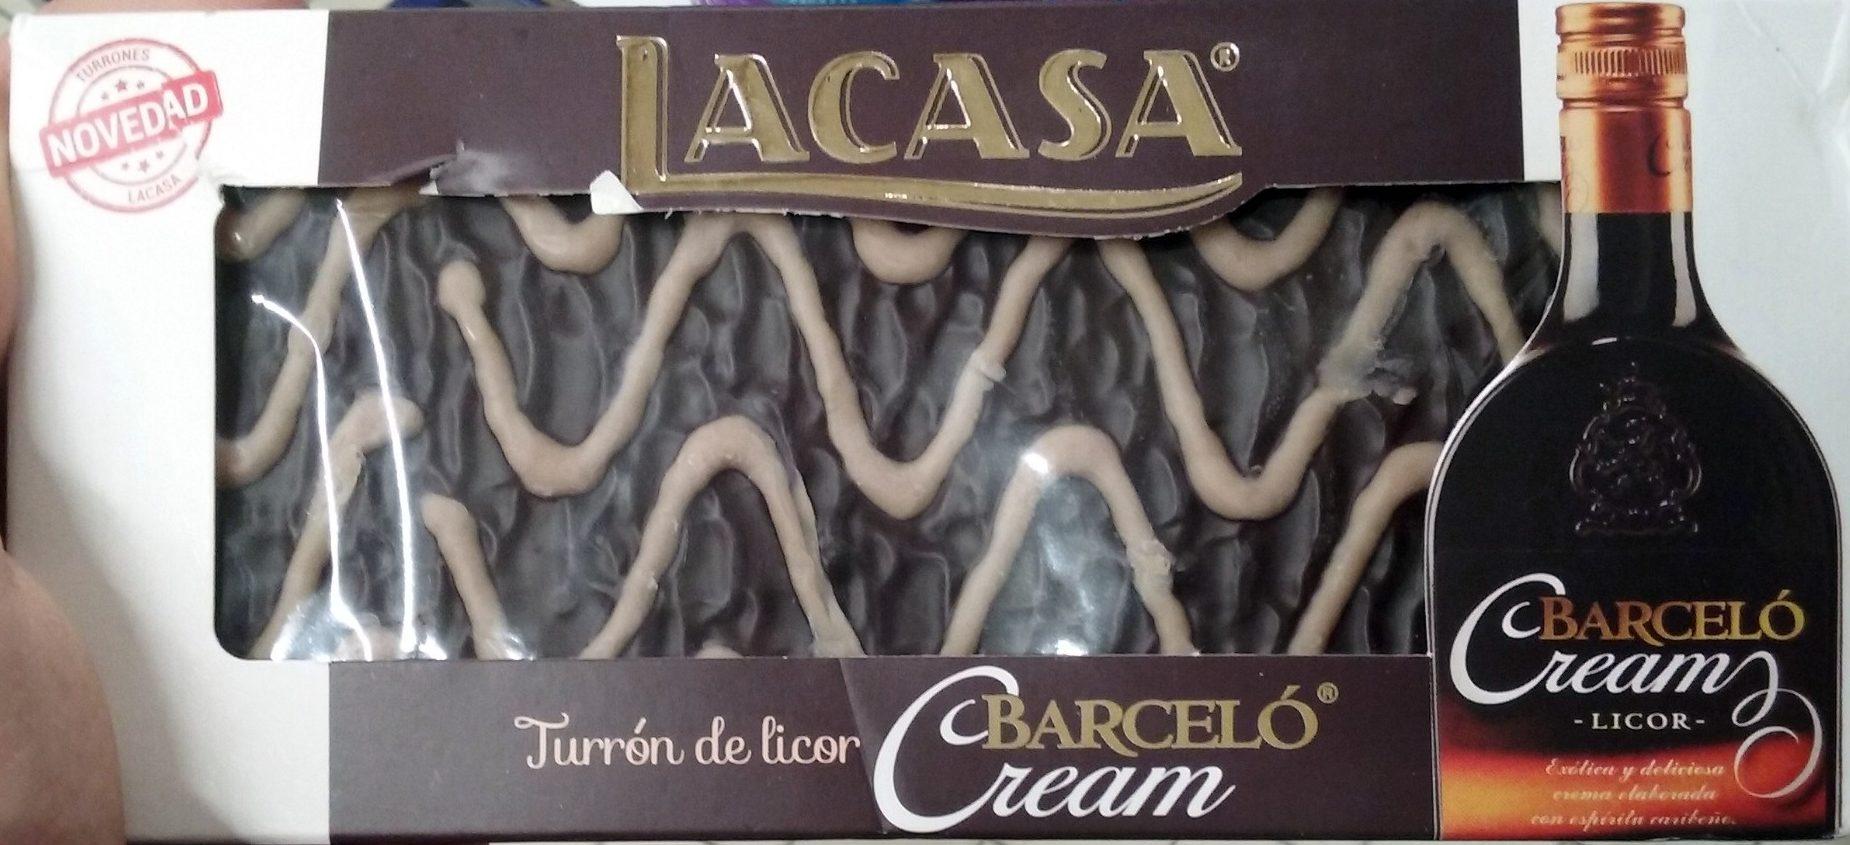 Turron de Licor Barceló Cream - Produit - fr